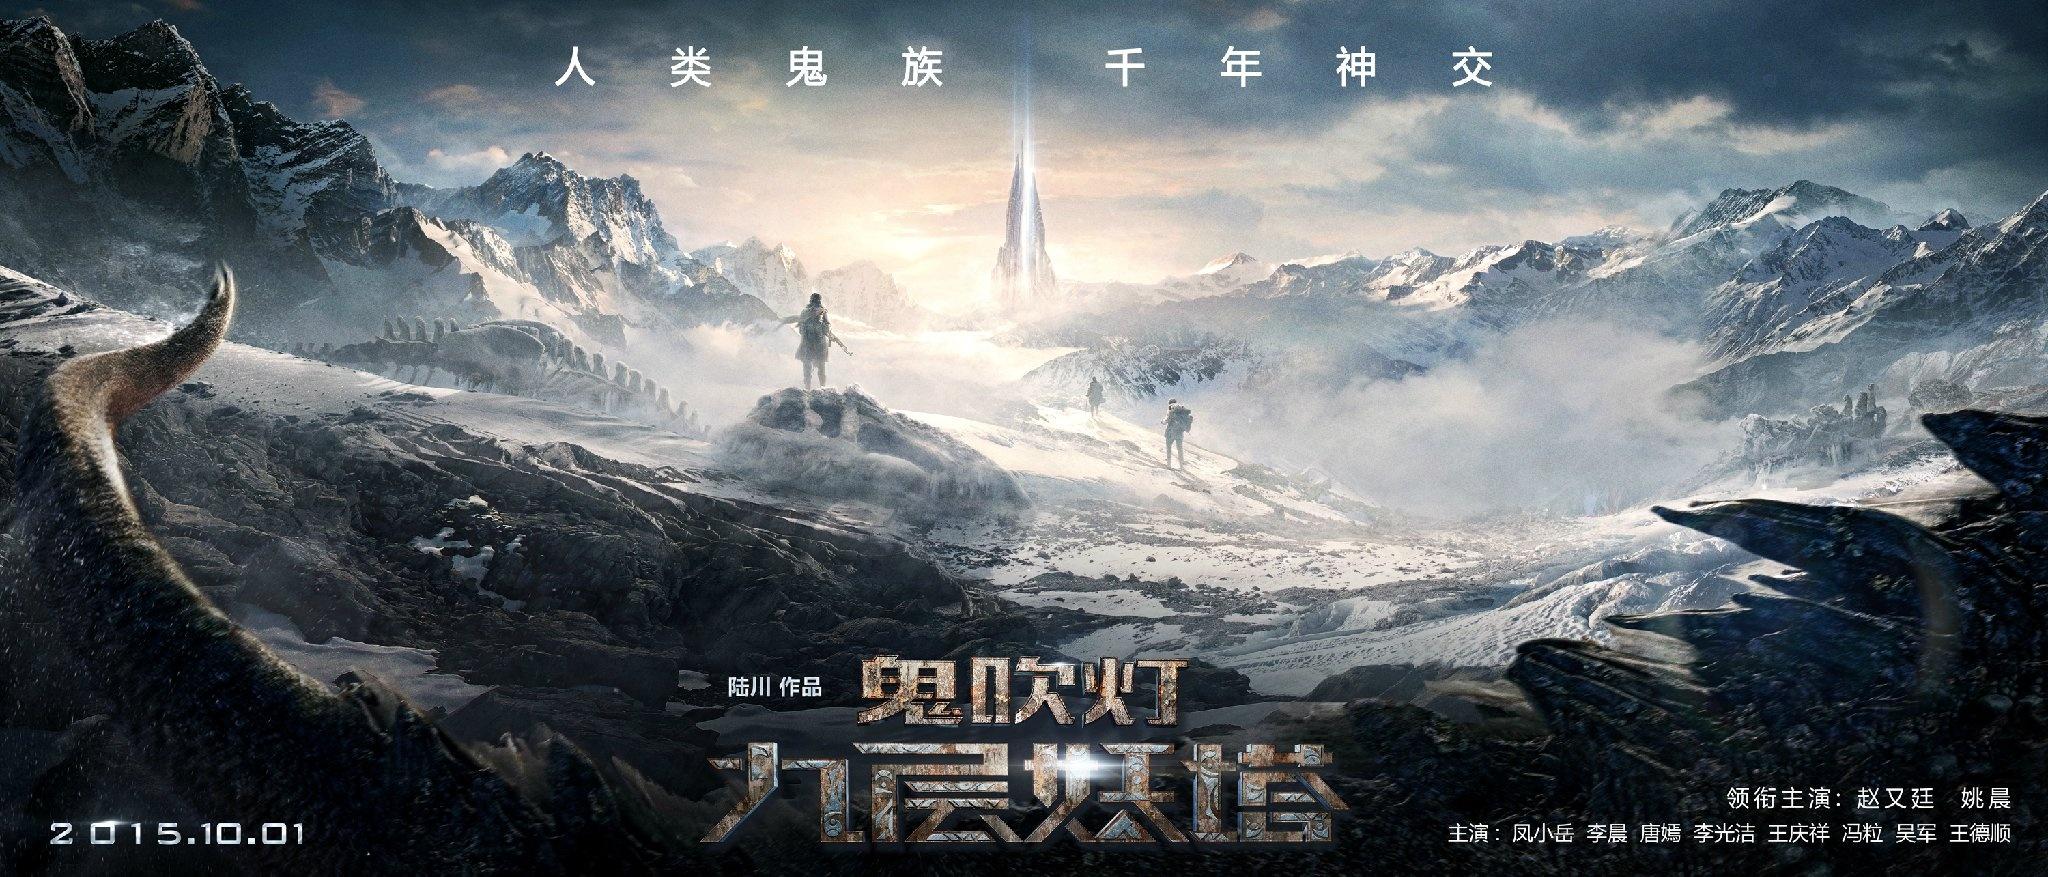 之九层妖塔》)是陆川执导的一部灾难探险片  ,由赵又廷,姚晨,唐嫣